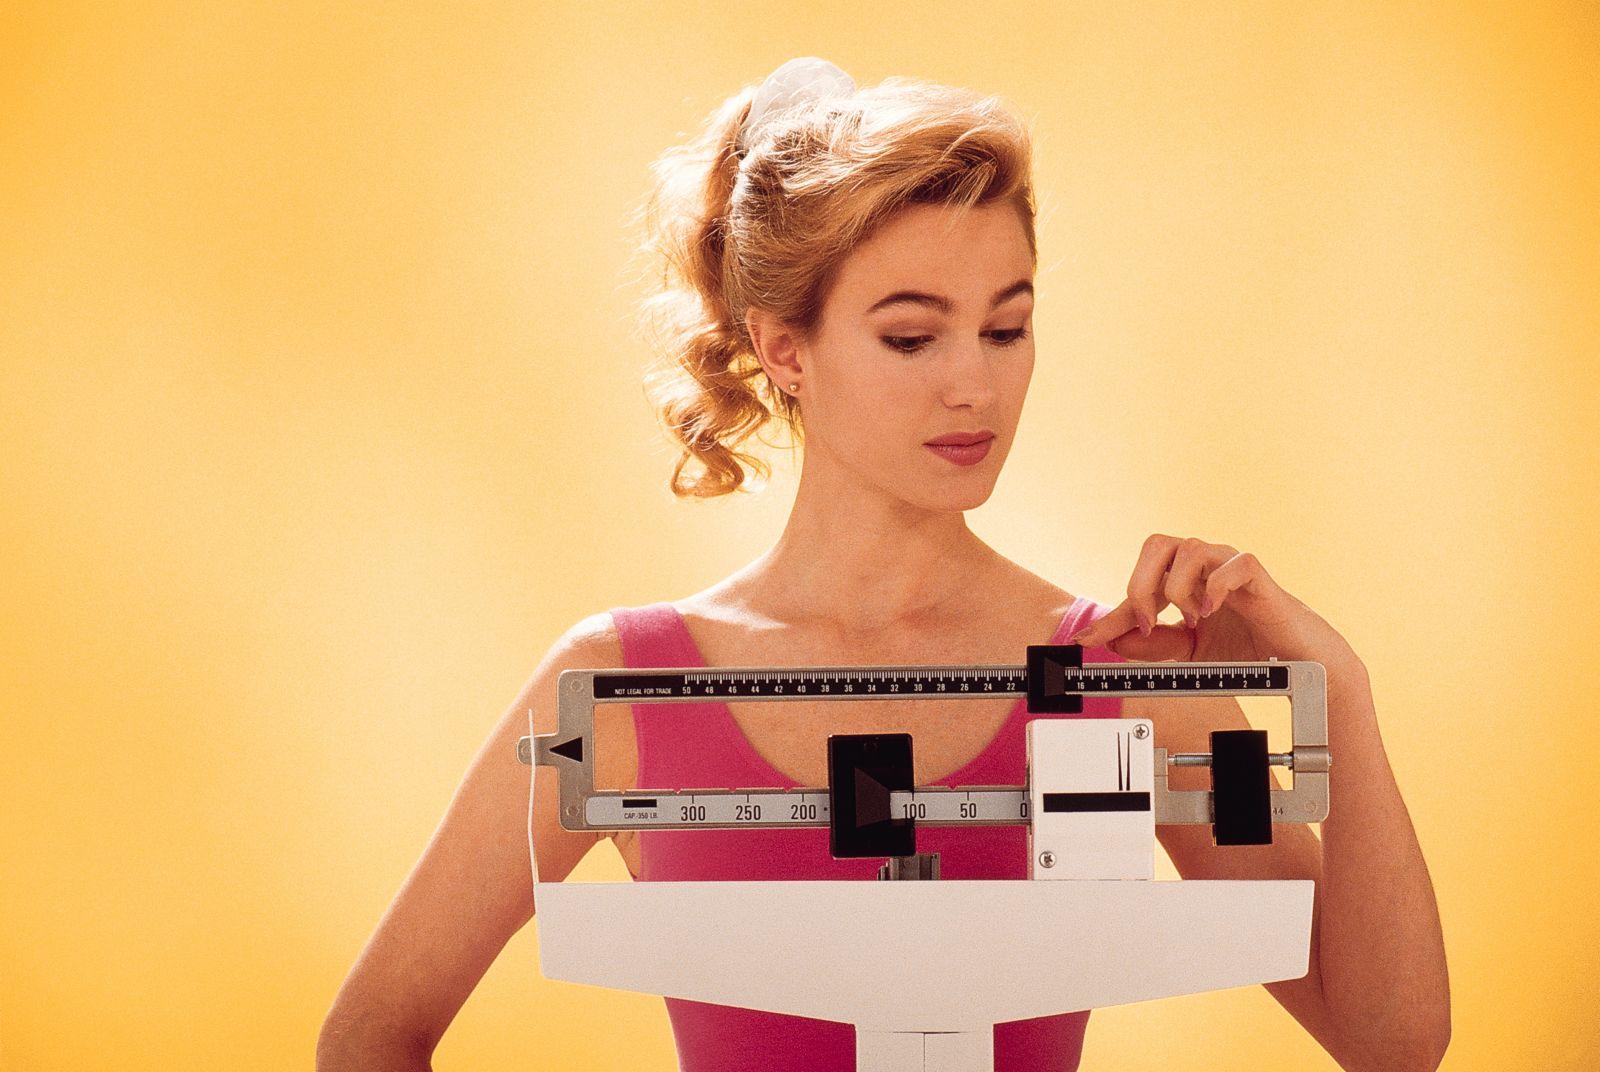 Недостаток веса связали с повышенным риском смертности